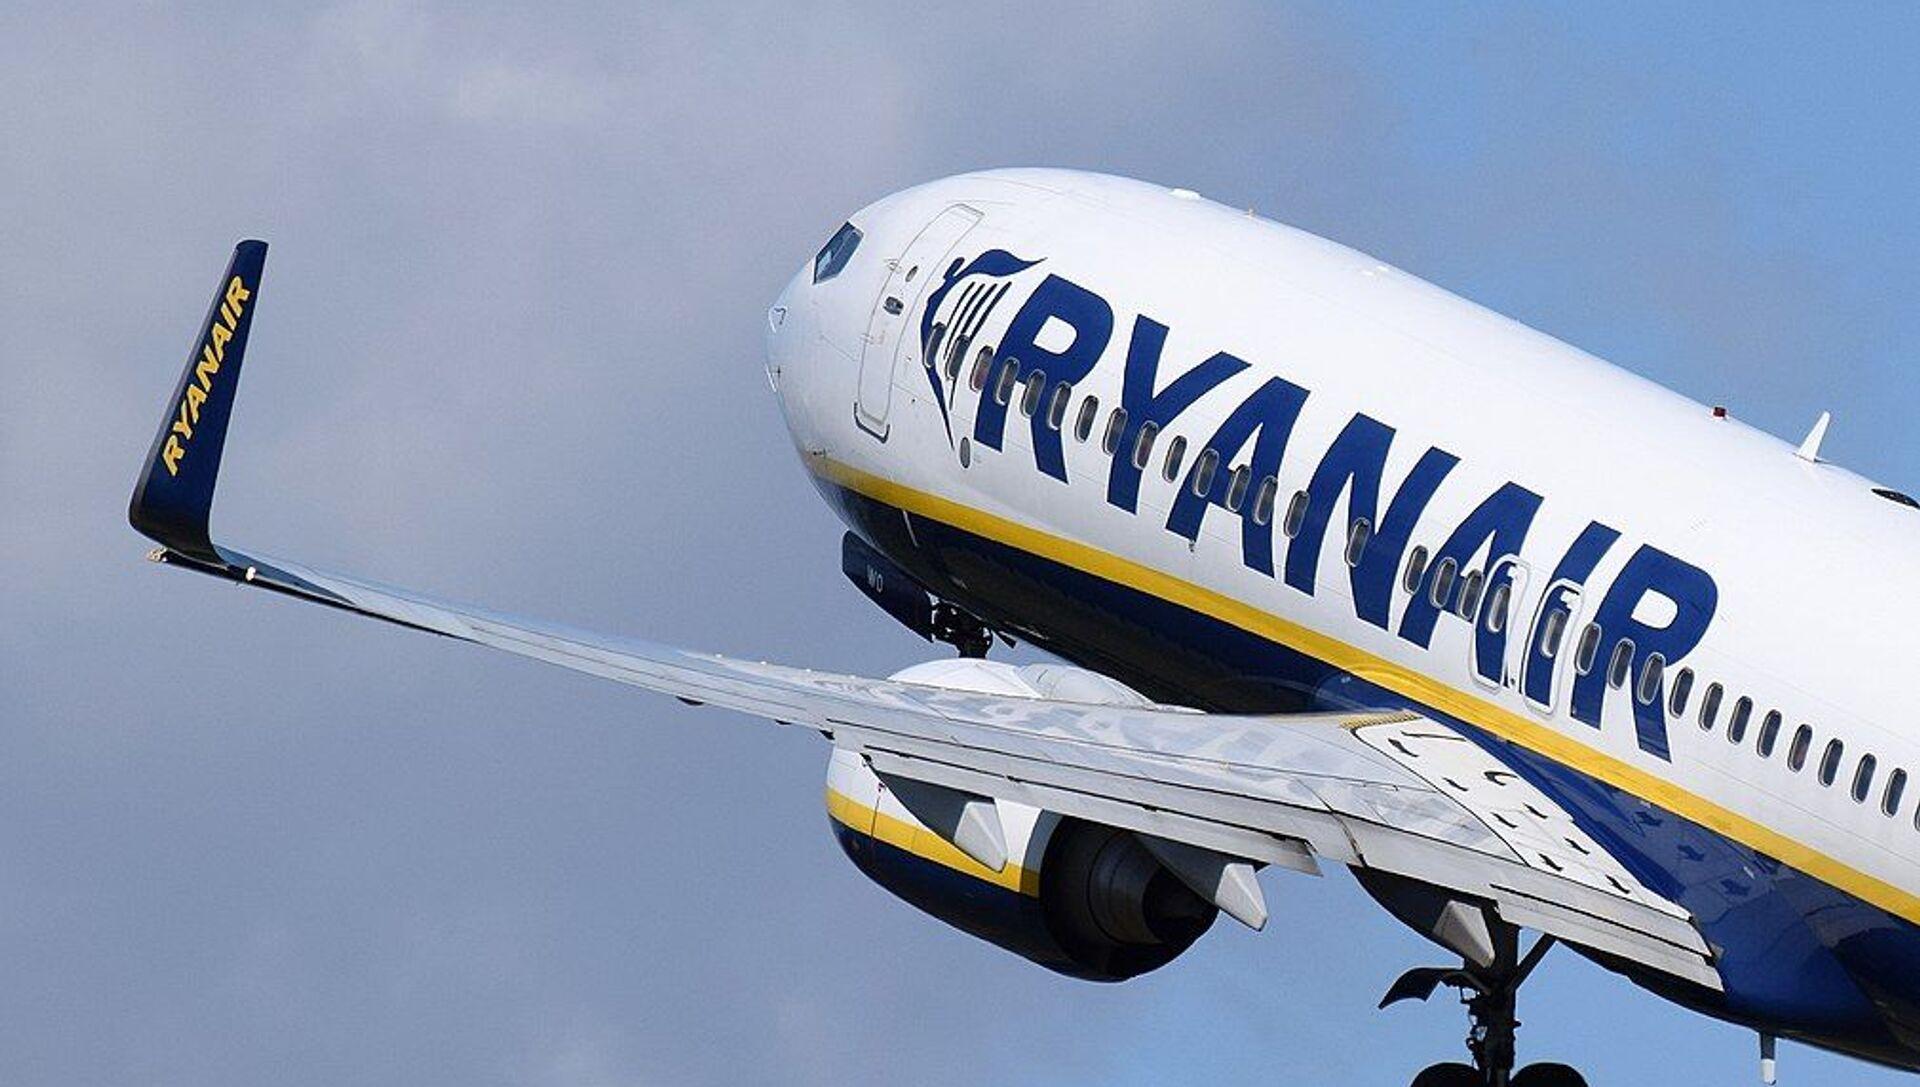 Boeing 737 Ryanair - Sputnik International, 1920, 24.05.2021